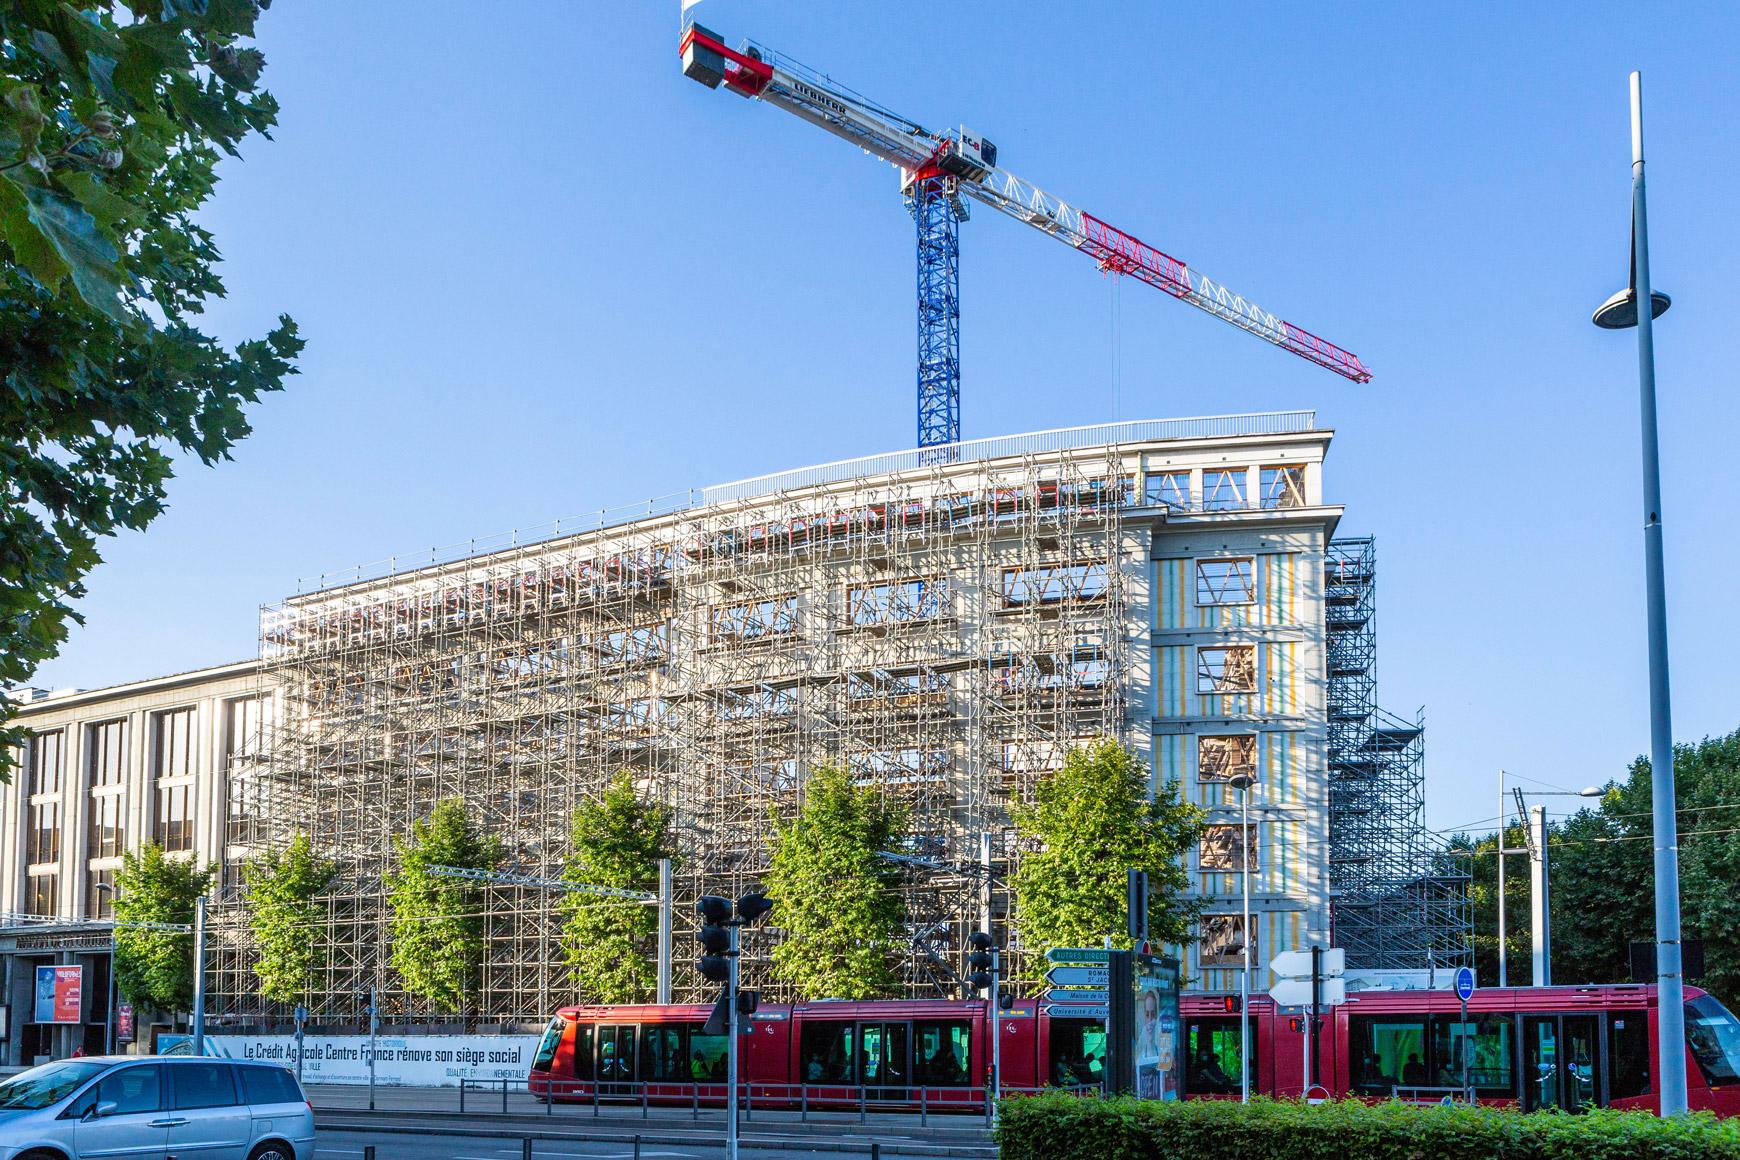 Réhabilitation lourde du siège sociale du Crédit Agricole Centre France à Clermont-Ferrand, labélisé BREEAM EXCELLENT, réalisé par le pôle Tertiaire de l'agence d'architecture SOHO ATLAS IN FINE LYON. Photo de chantier, vue sur la façade reprise.